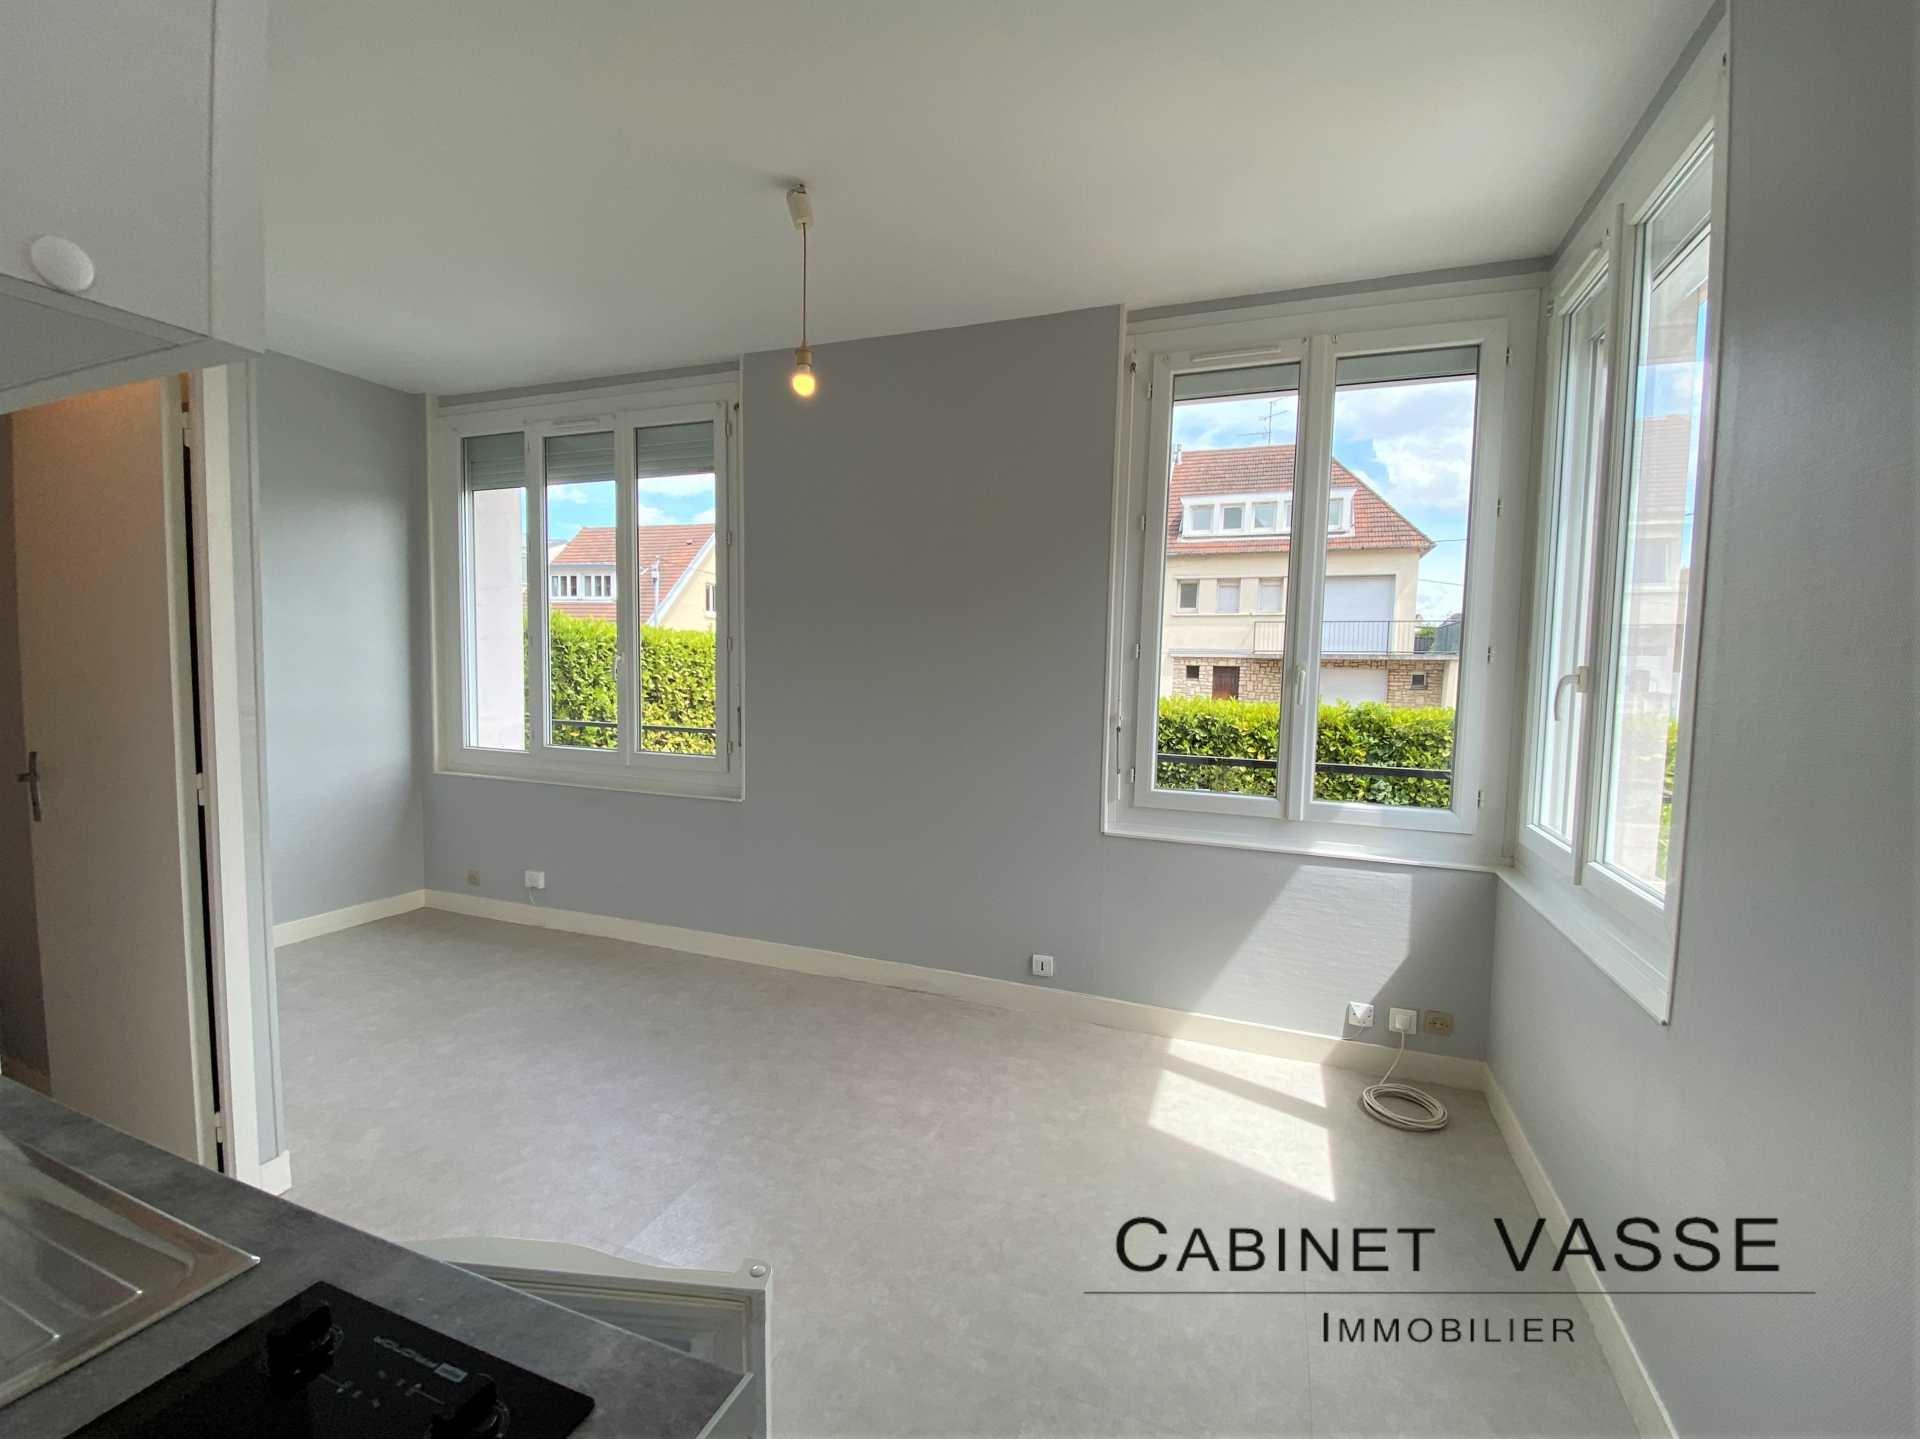 Location Studio - Caen